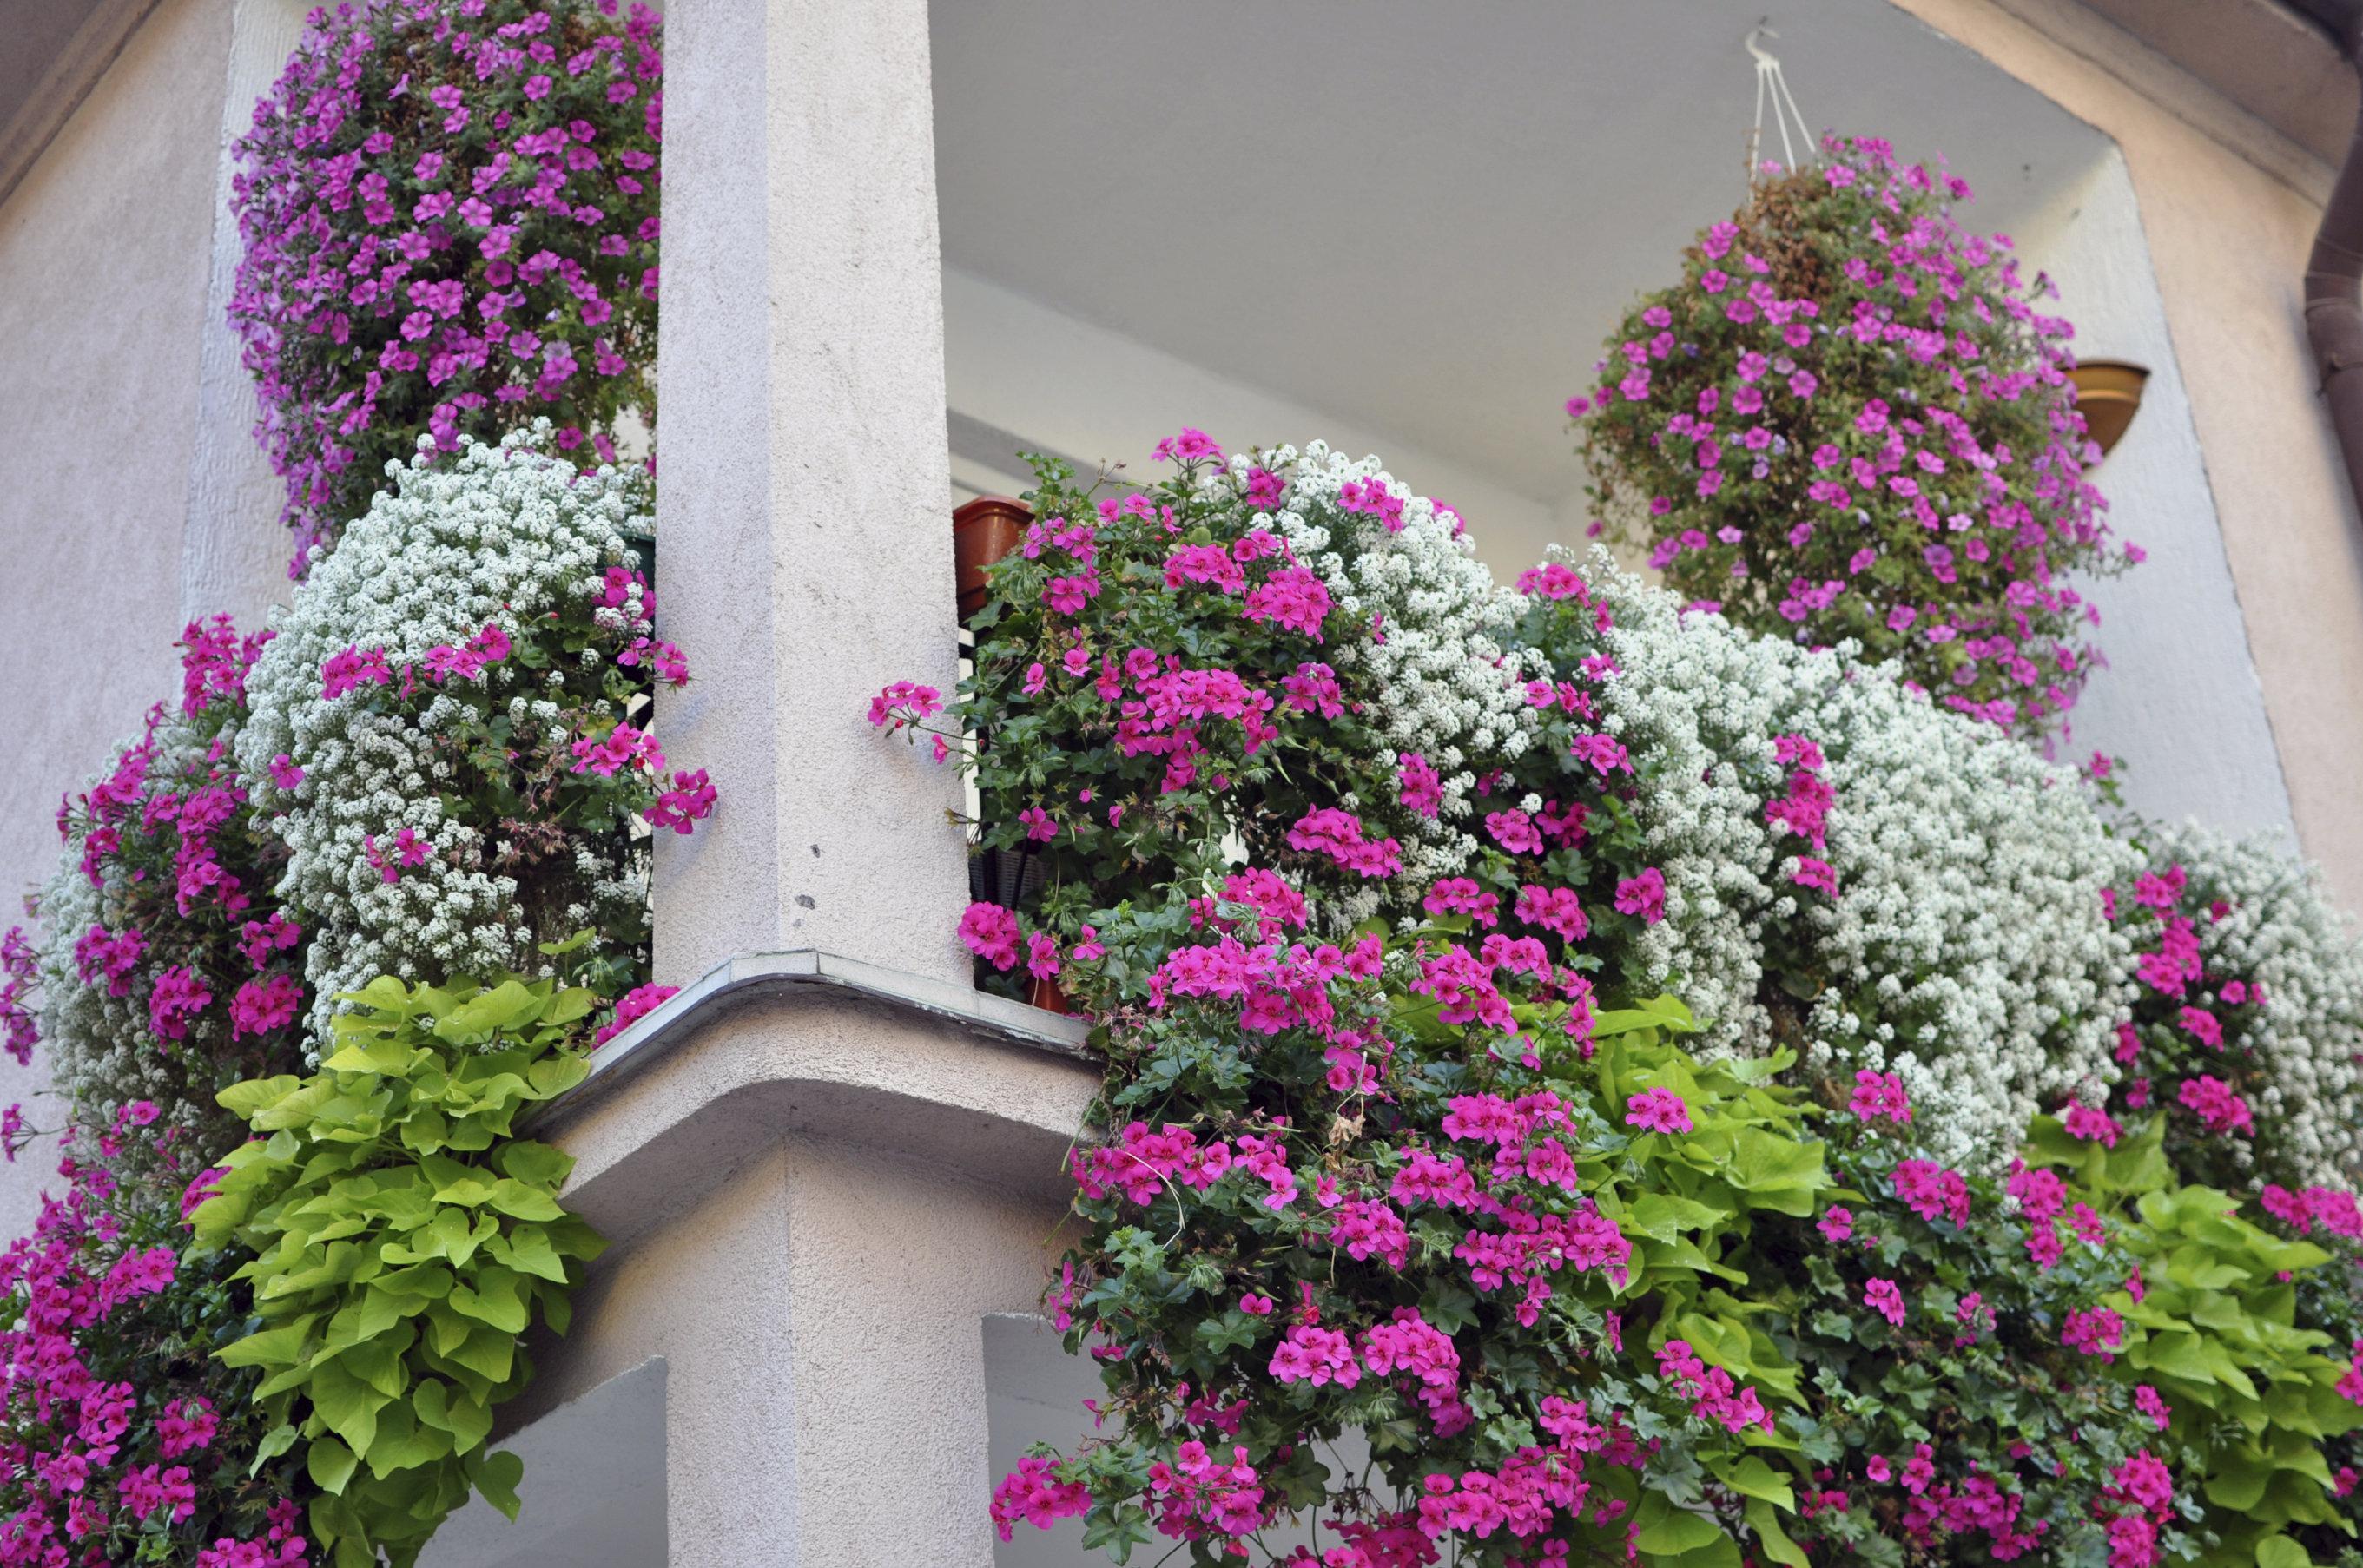 Balkonpflanzen Traum Vom Blutenmeer Desired De